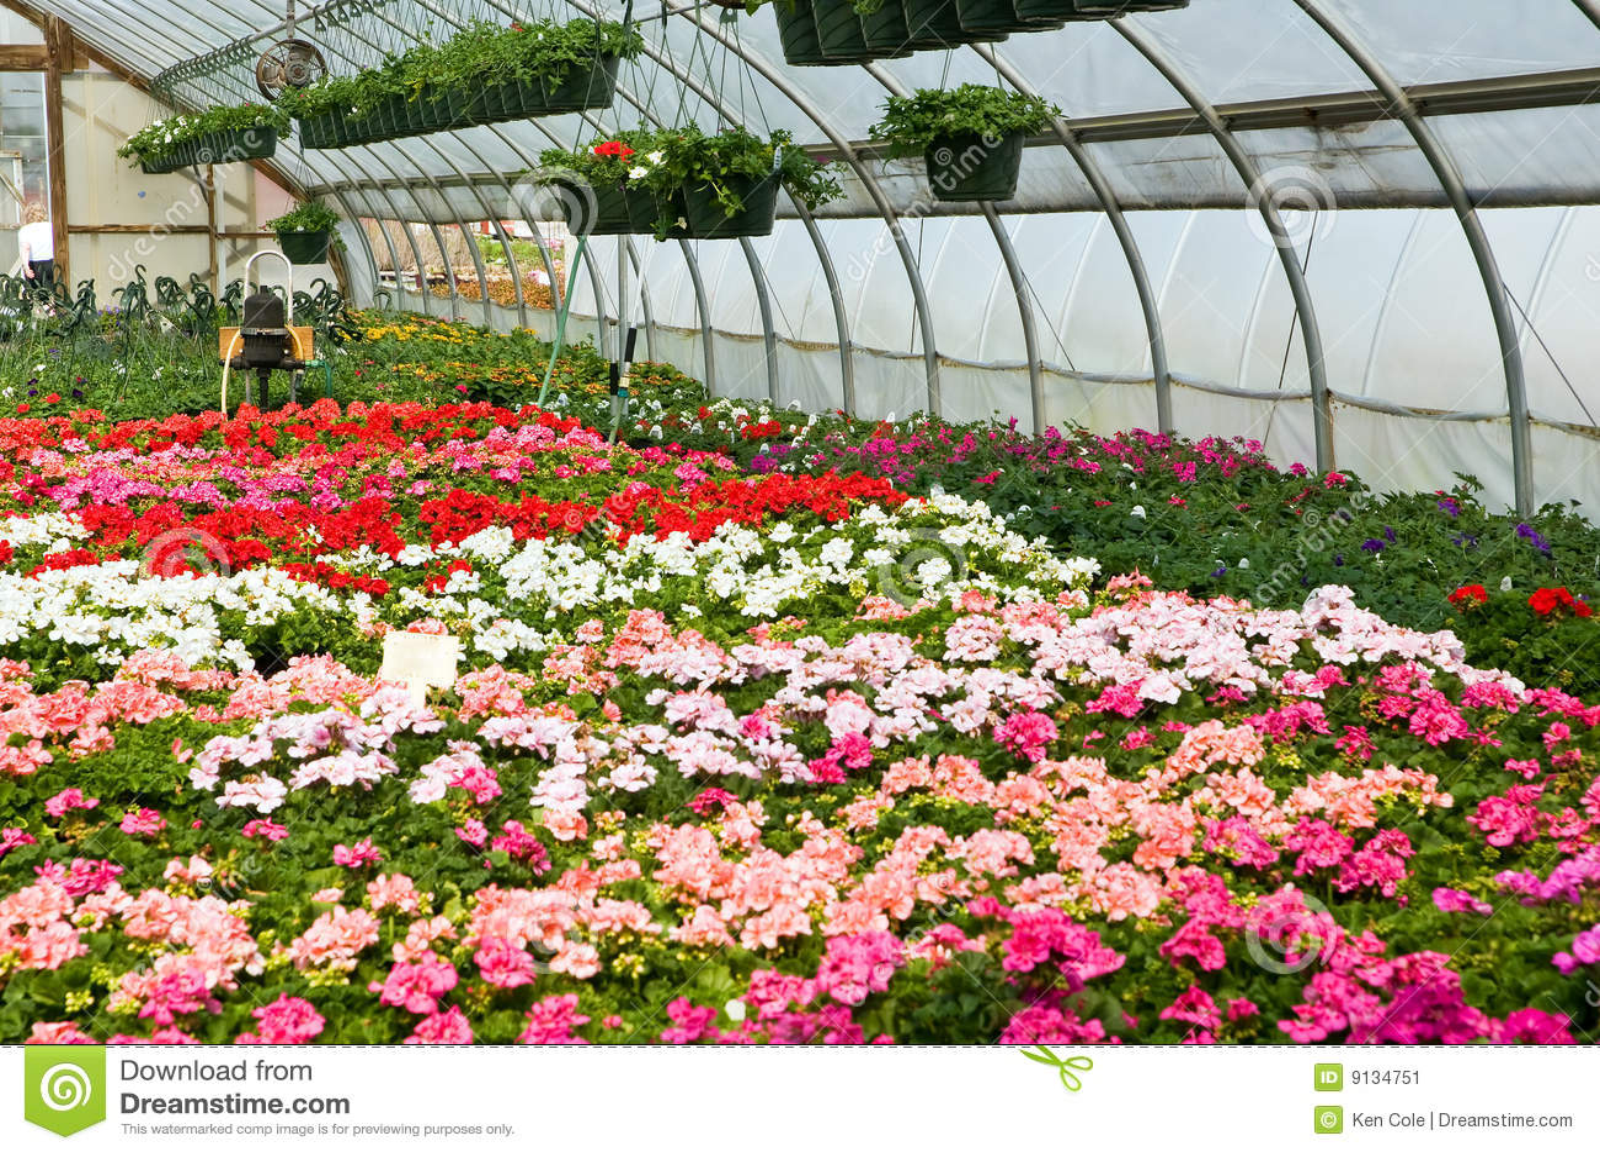 imagenes de plantas de invernadero